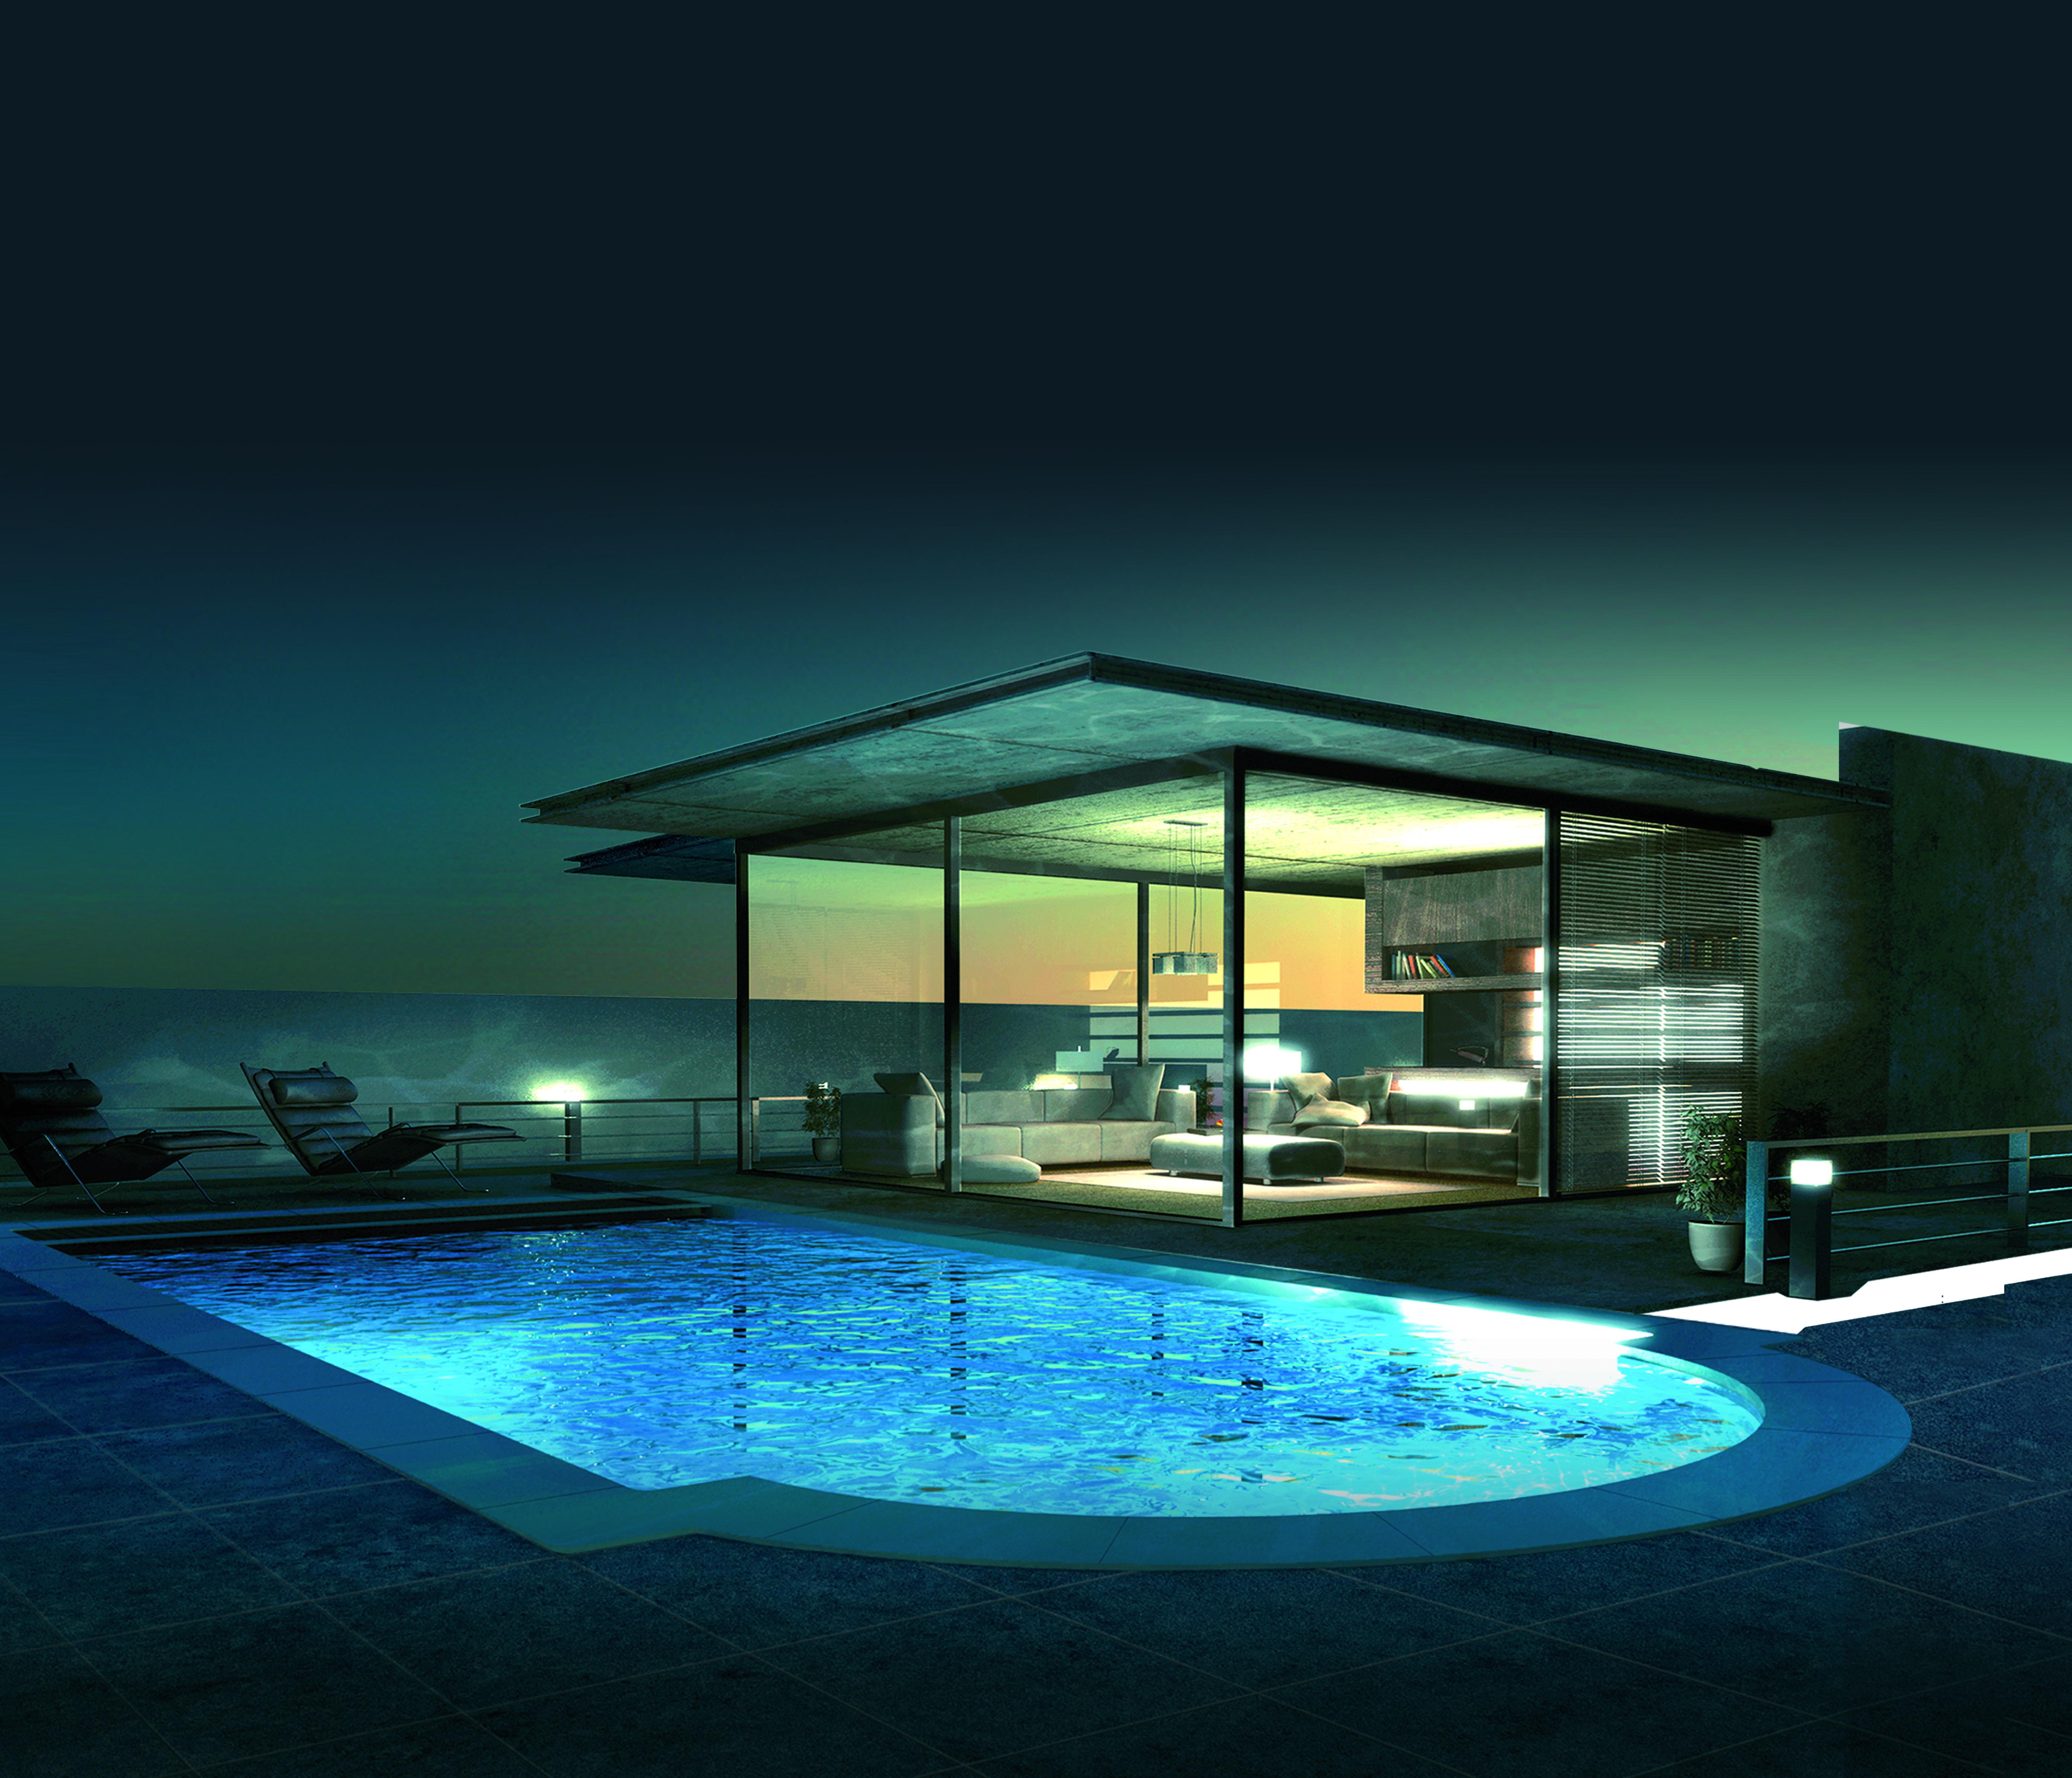 Binnenzwembad op 365 dagen per jaar waterpret lpw pools for Binnenzwembad bouwen